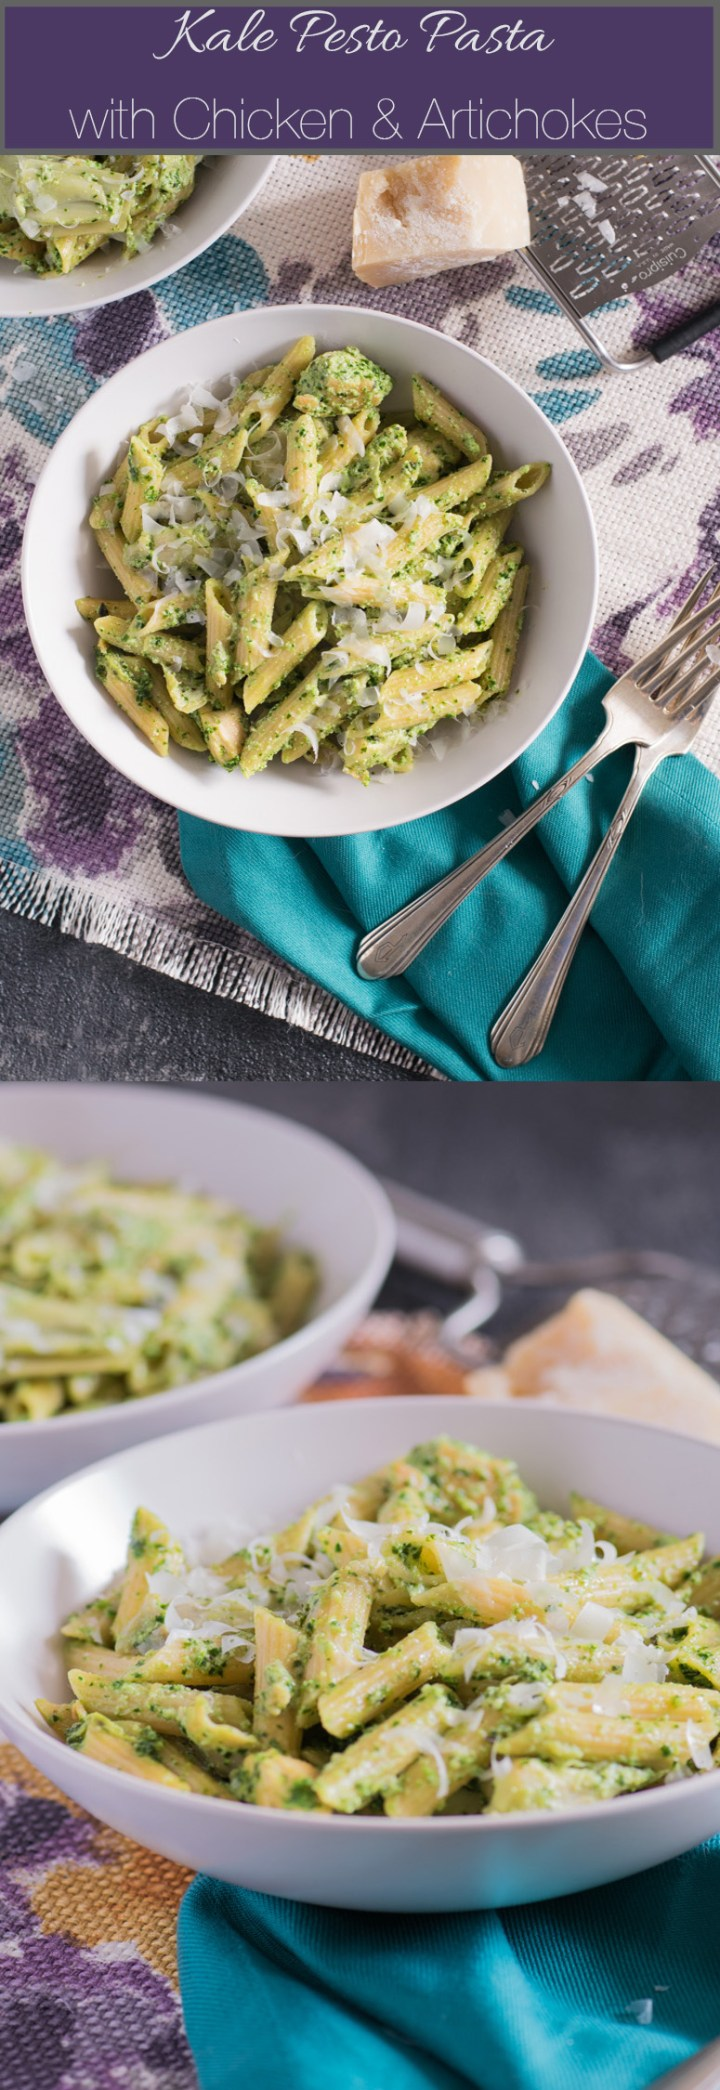 Kale Pesto Pasta with Chicken & Artichokes